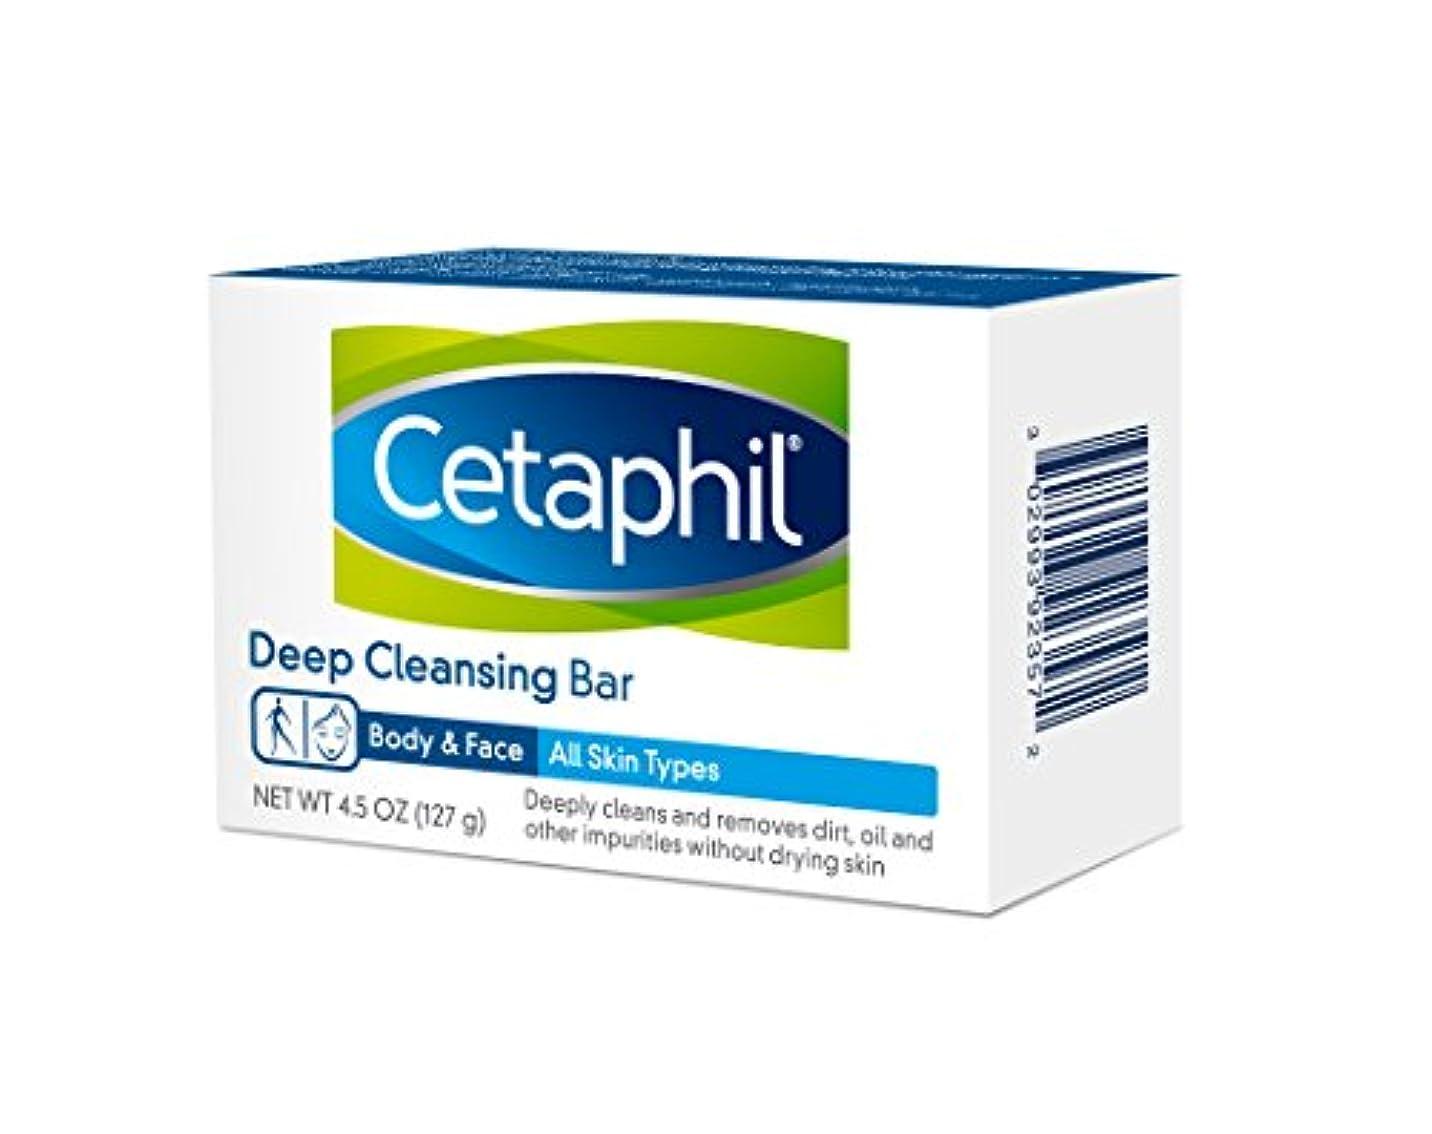 ジャンクション田舎者Cetaphil Deep Cleansing Face Body Bar for All Skin Types 127g×6個セット 並行輸入品